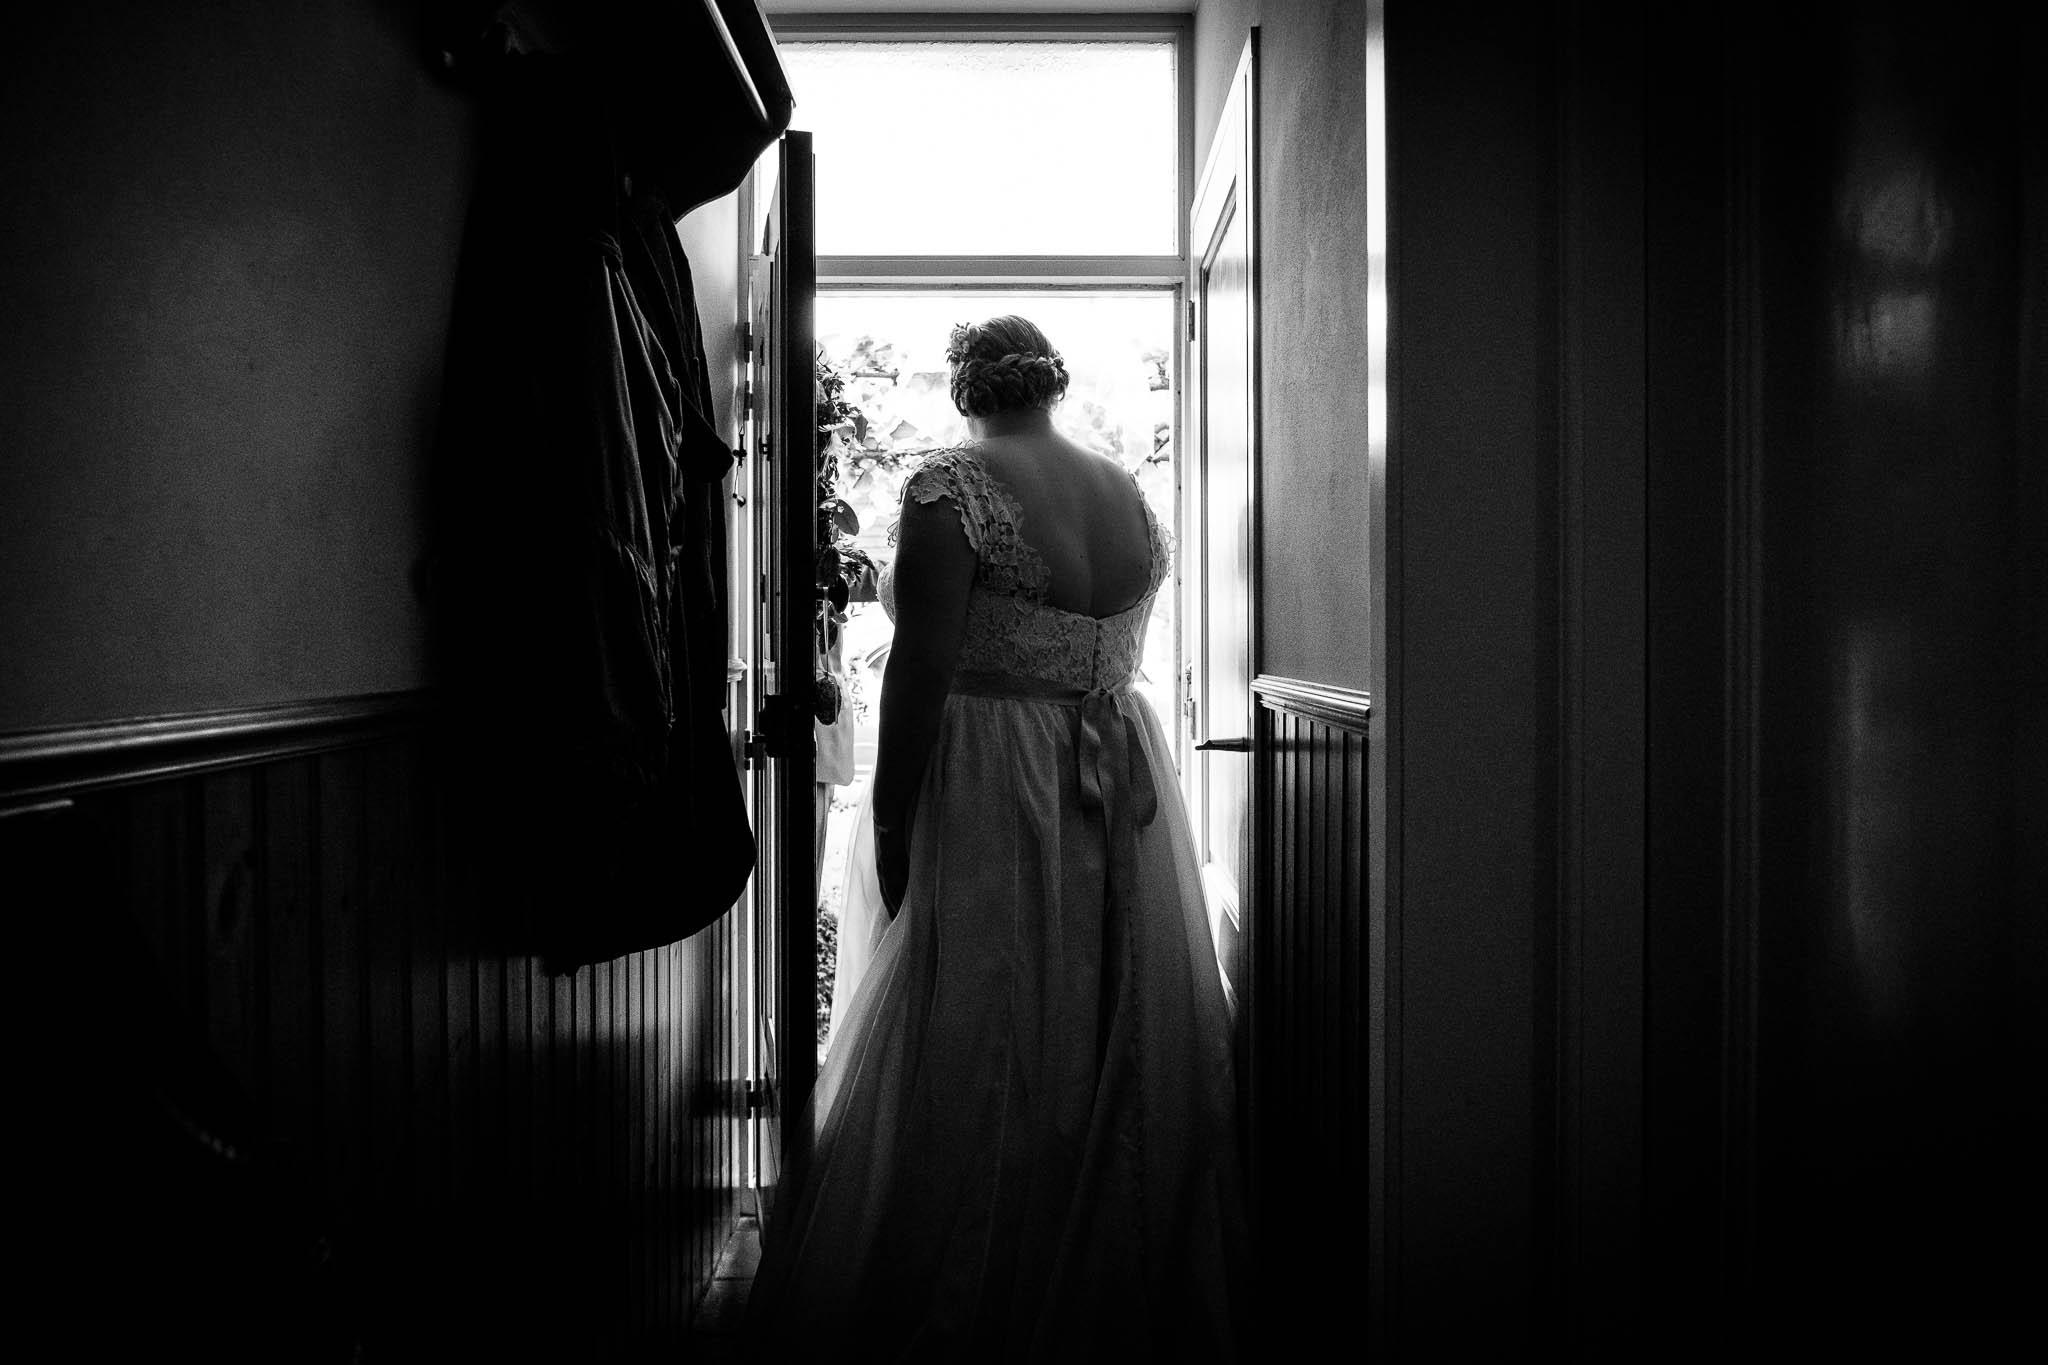 Ontmoeting bruidspaar aan de deur